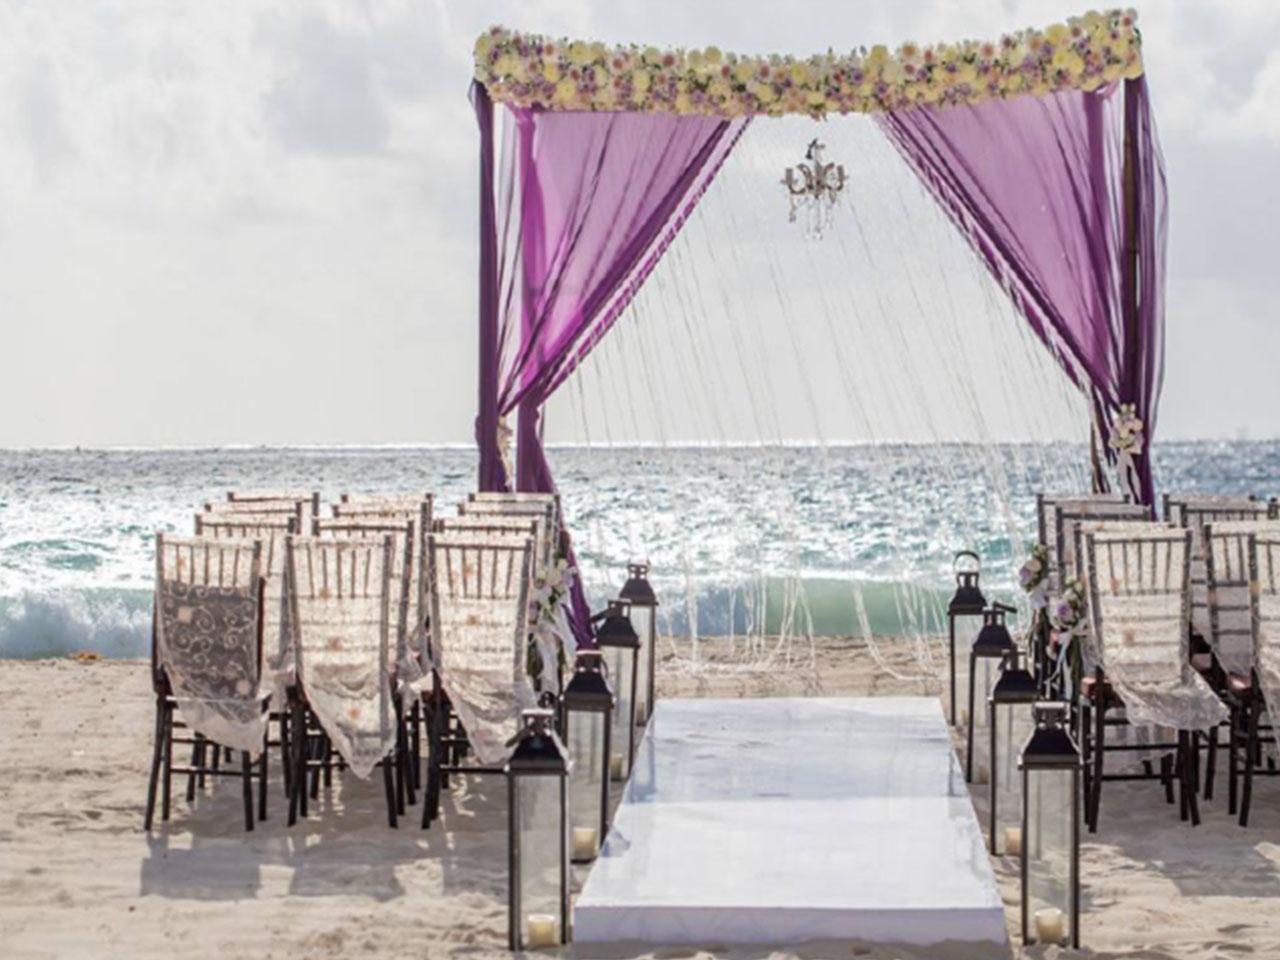 Bodas en la playa paquetes - boda